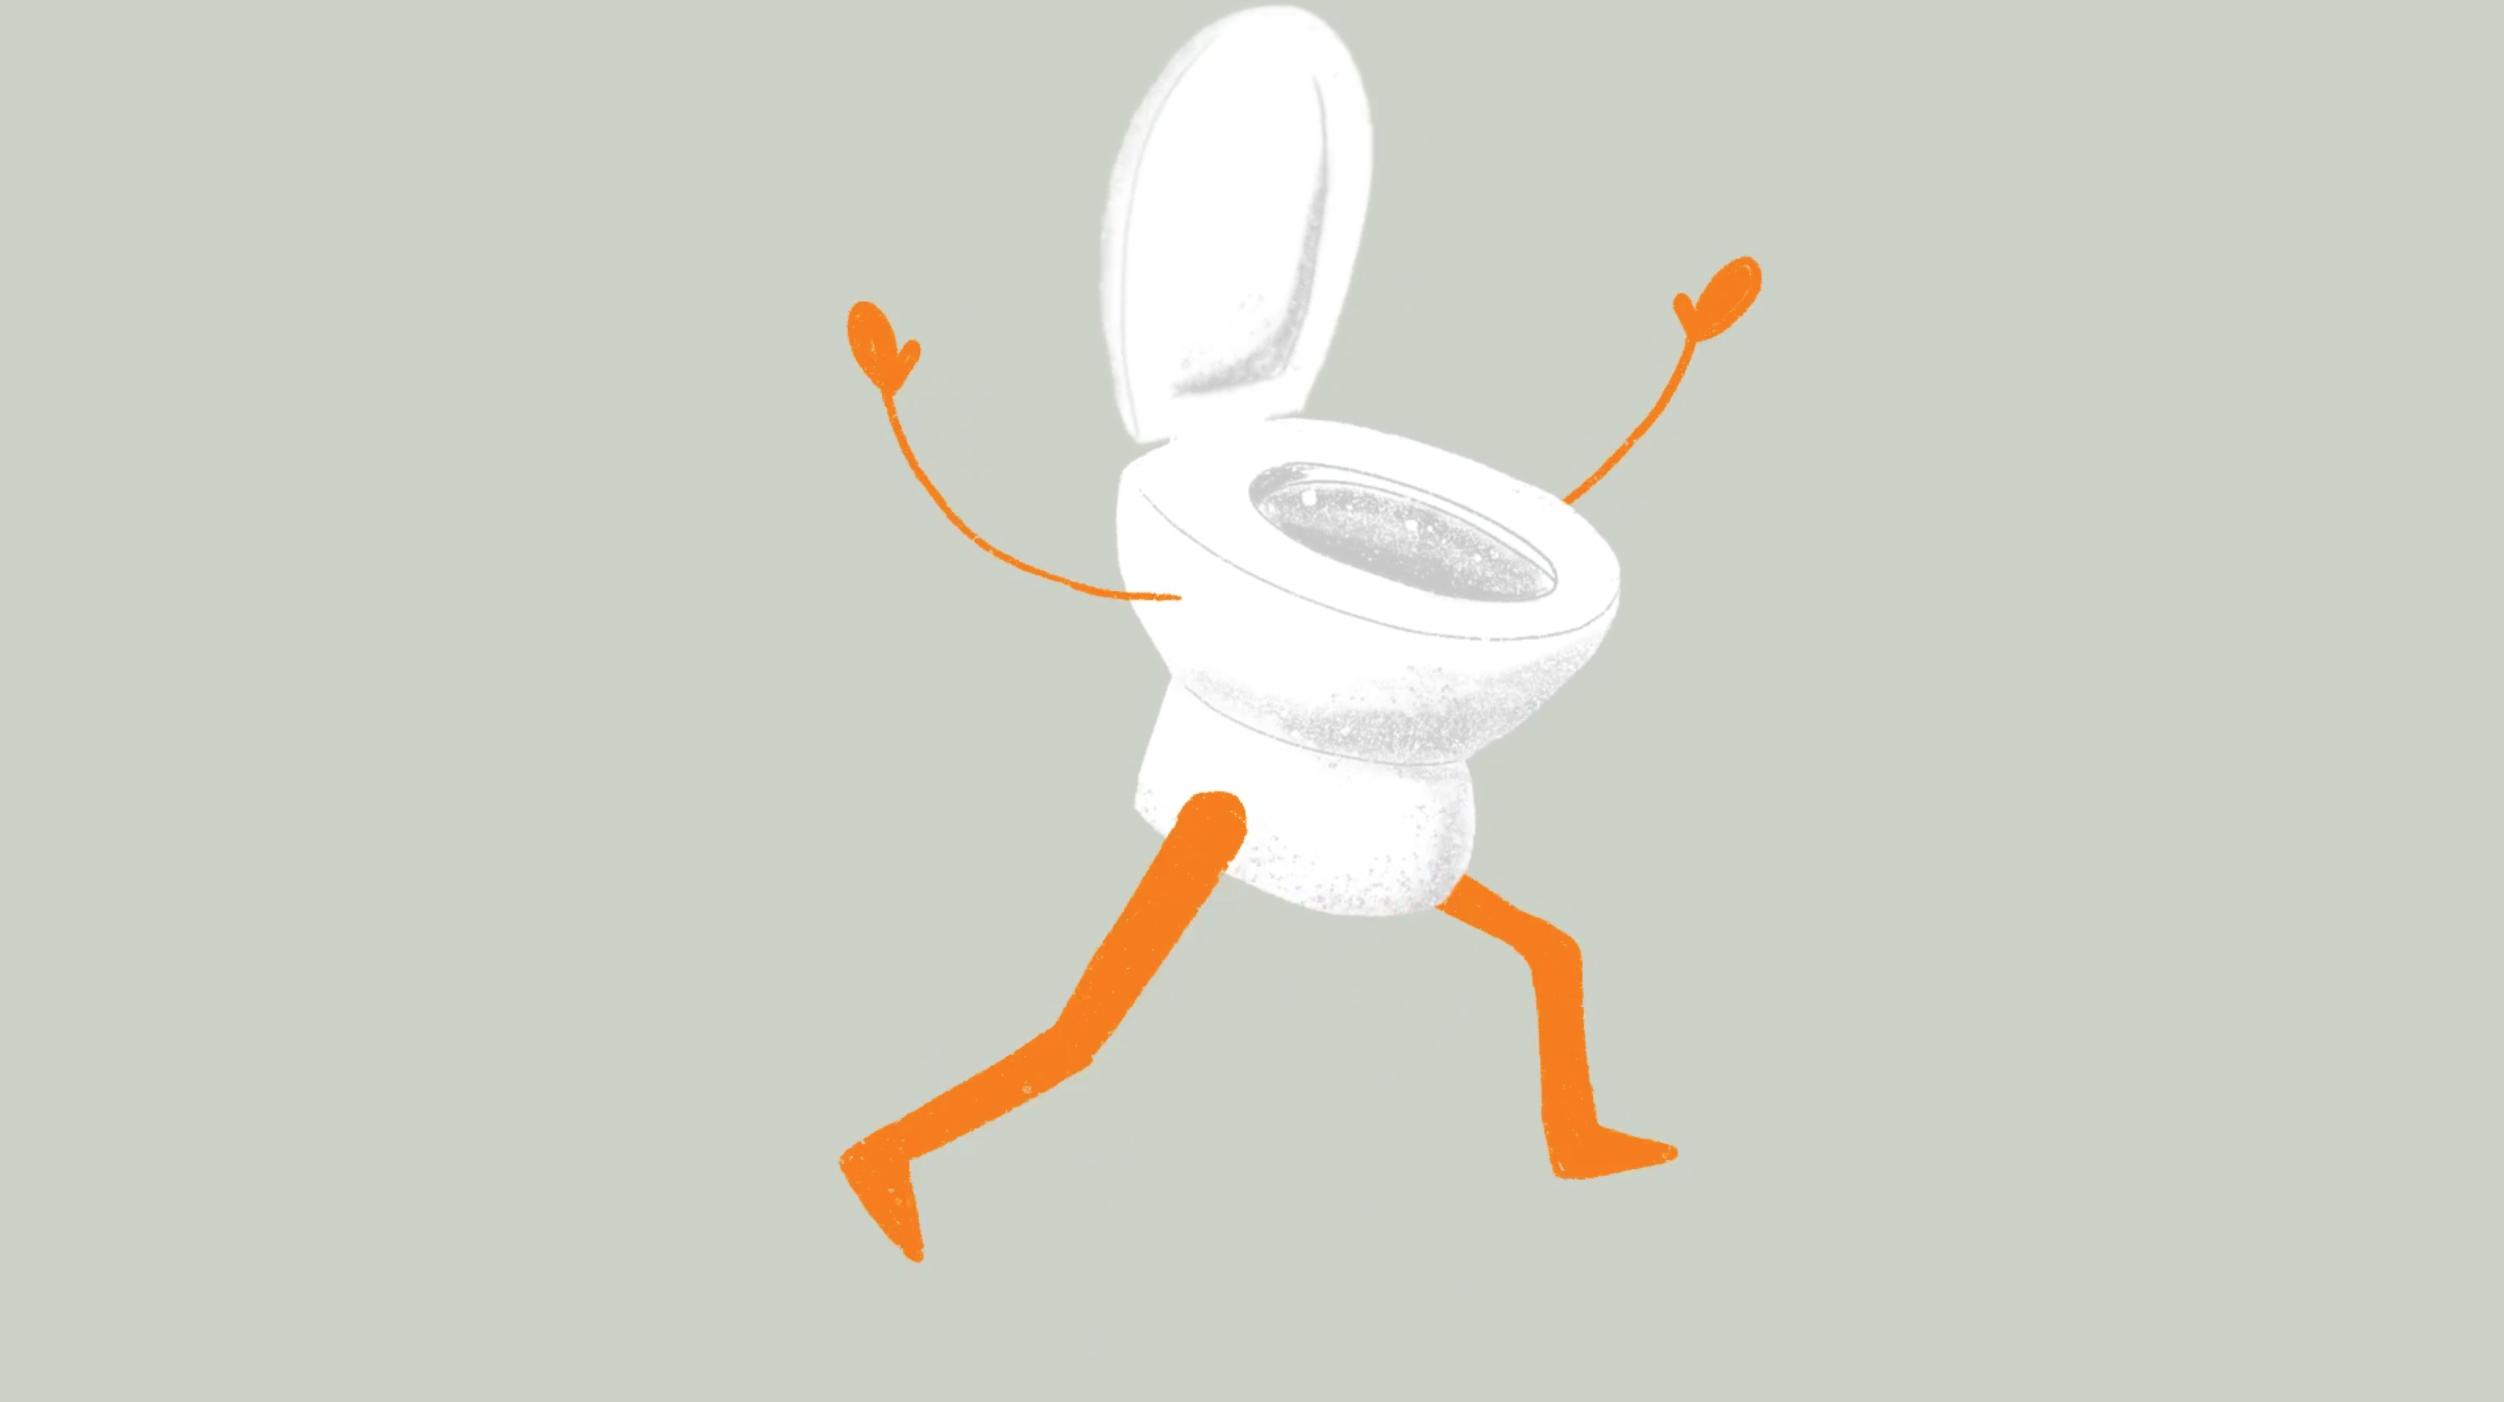 Løber toilettet animation Helsingør kommune klima skærm